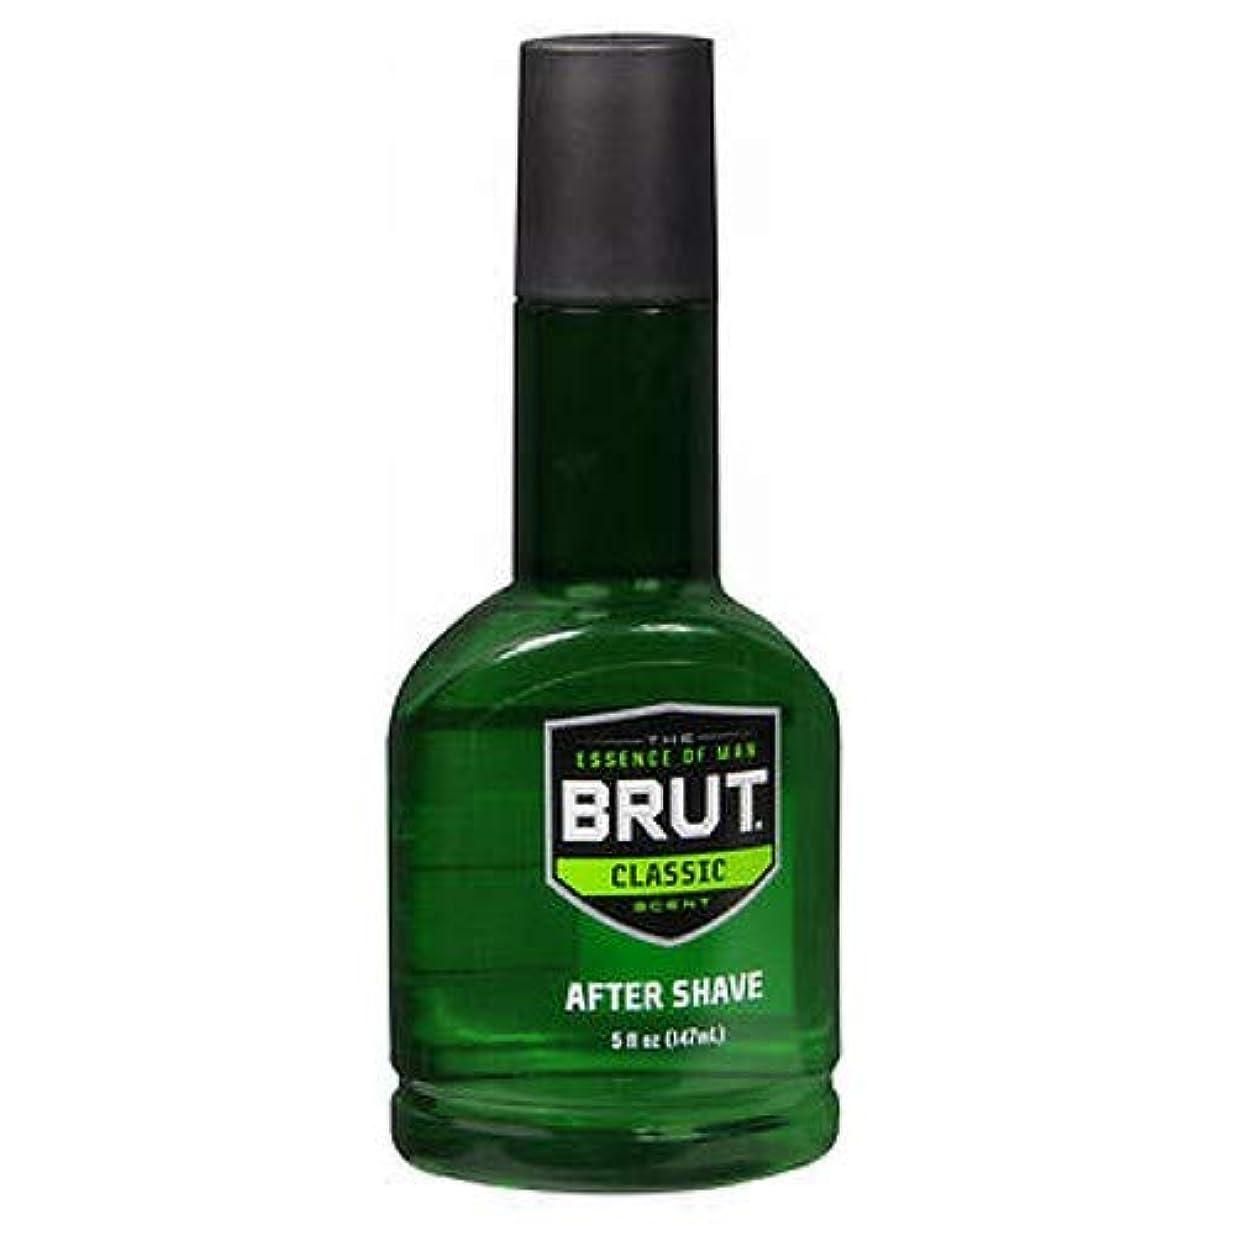 もっと少なく弾丸喜び海外直送品Brut After Shave Lotion, Original Fragrance 5 oz by Brut